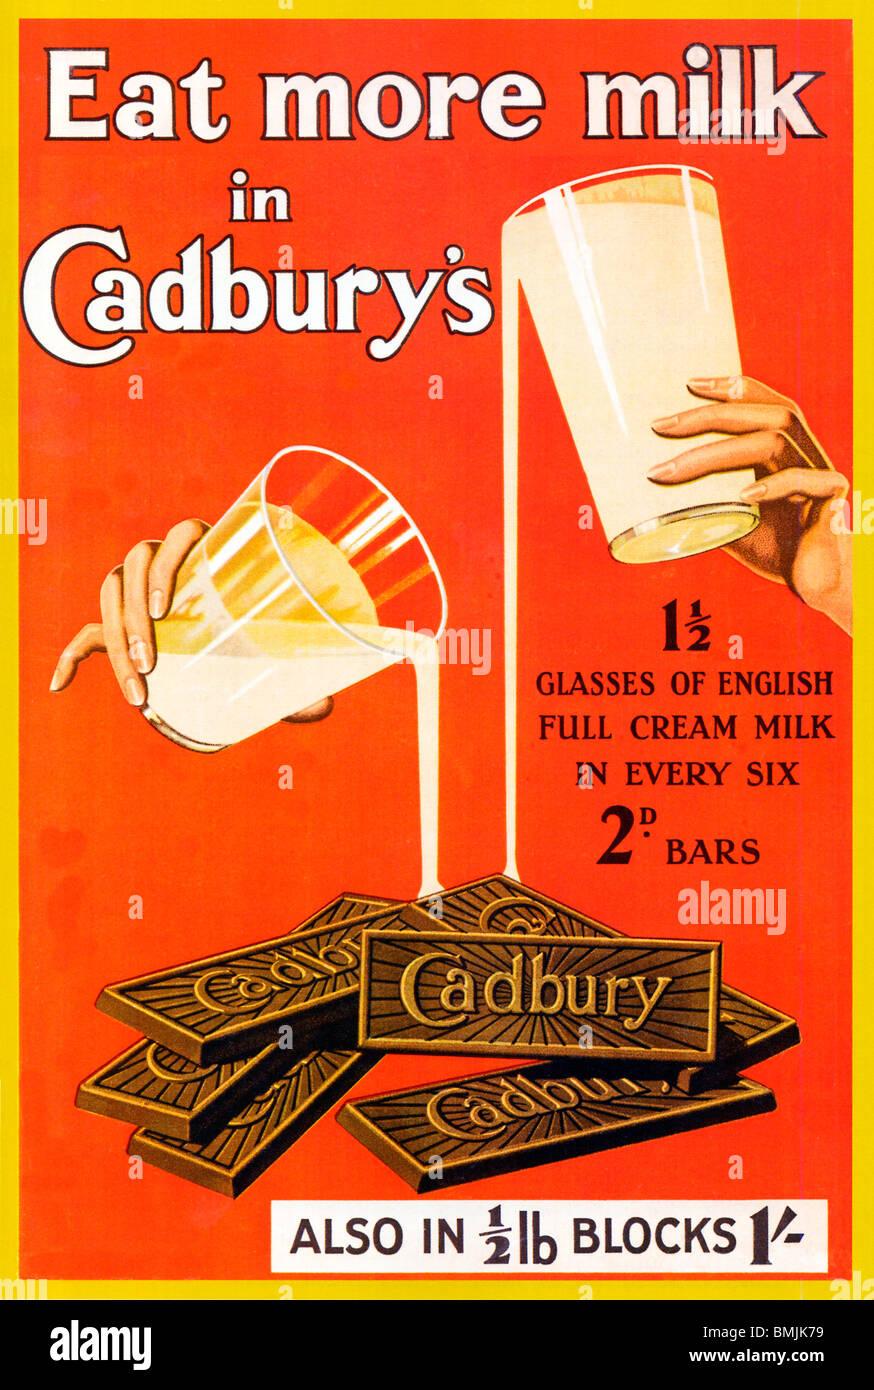 Manger plus de lait dans Cadburys, 1920 affiche pour le chocolat et les blocs Anglais Photo Stock